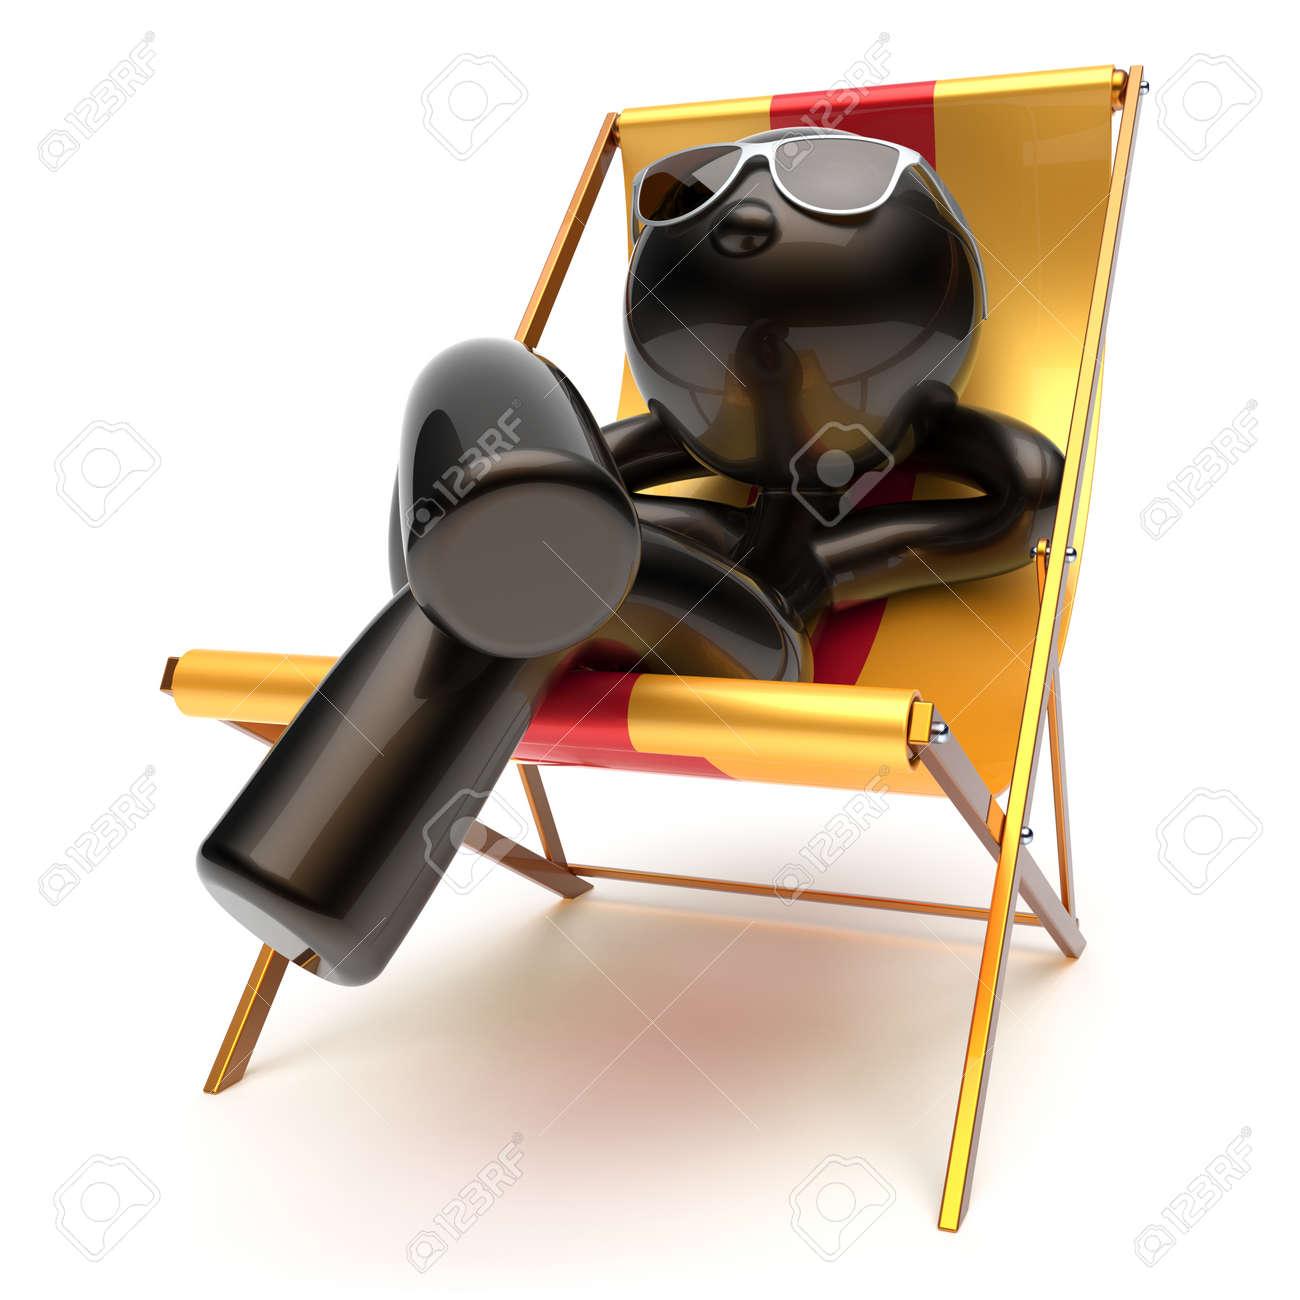 Stylisée Caractère Lunettes Coups Insouciante Pont Caricature Soleil Plage Chilling Détente Confort D'été De La Homme Chaise LAq35R4j